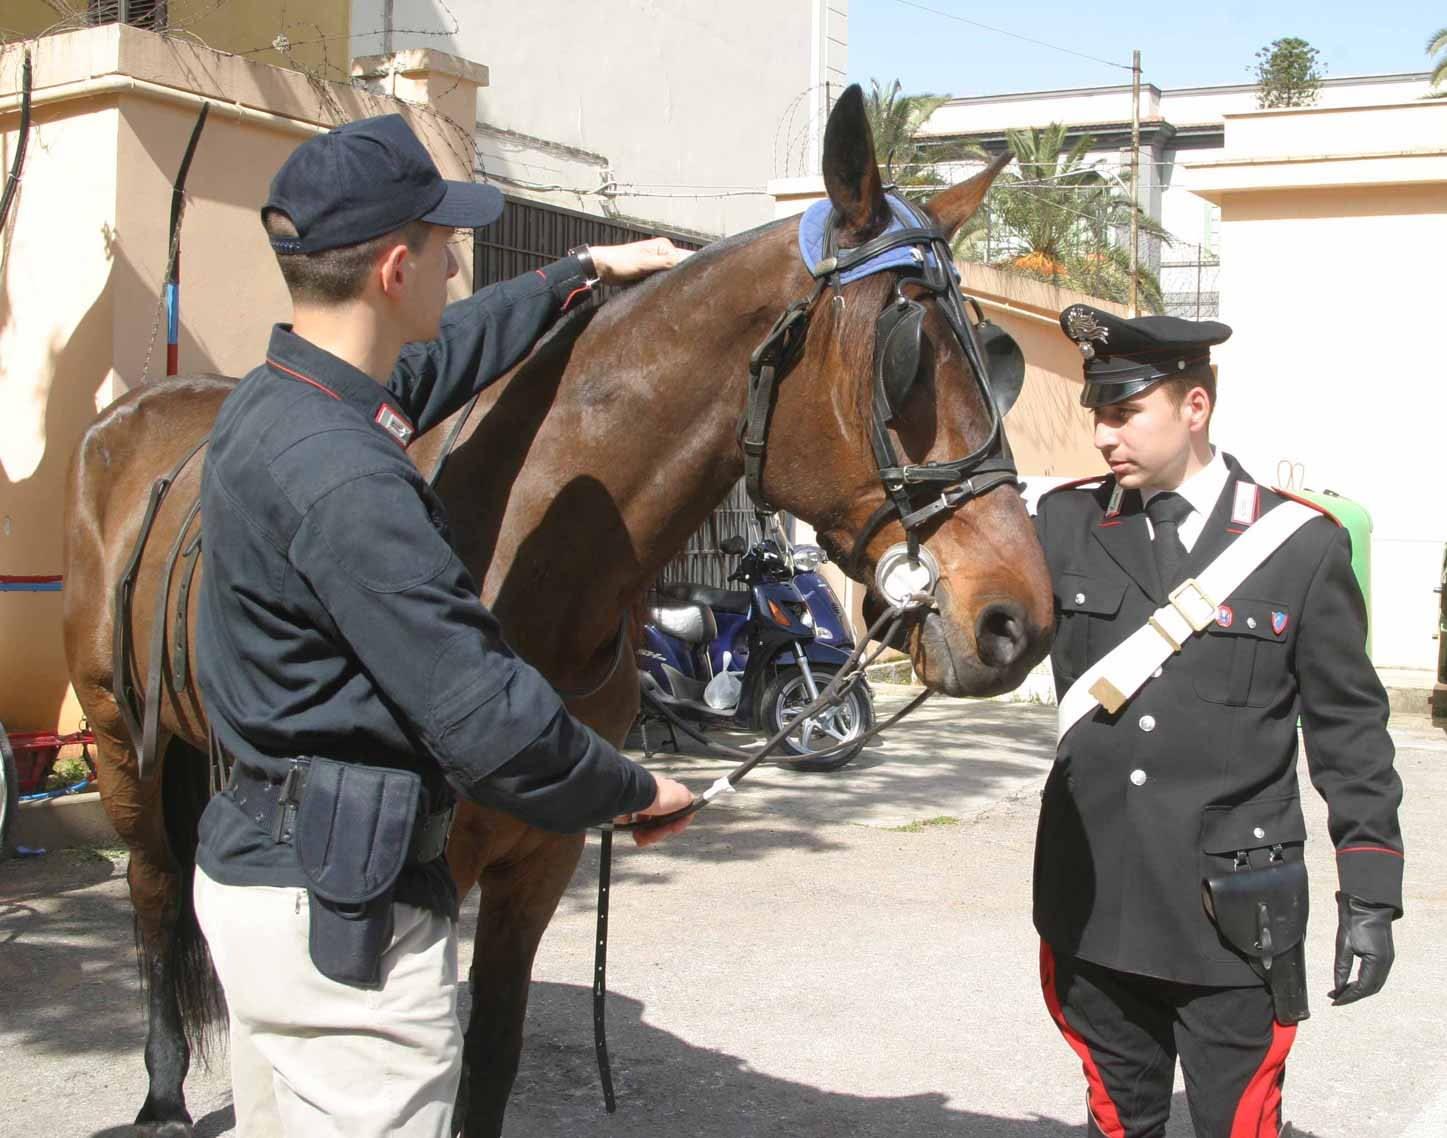 Palermo, corse clandestine di cavalli: denunciati due uomini